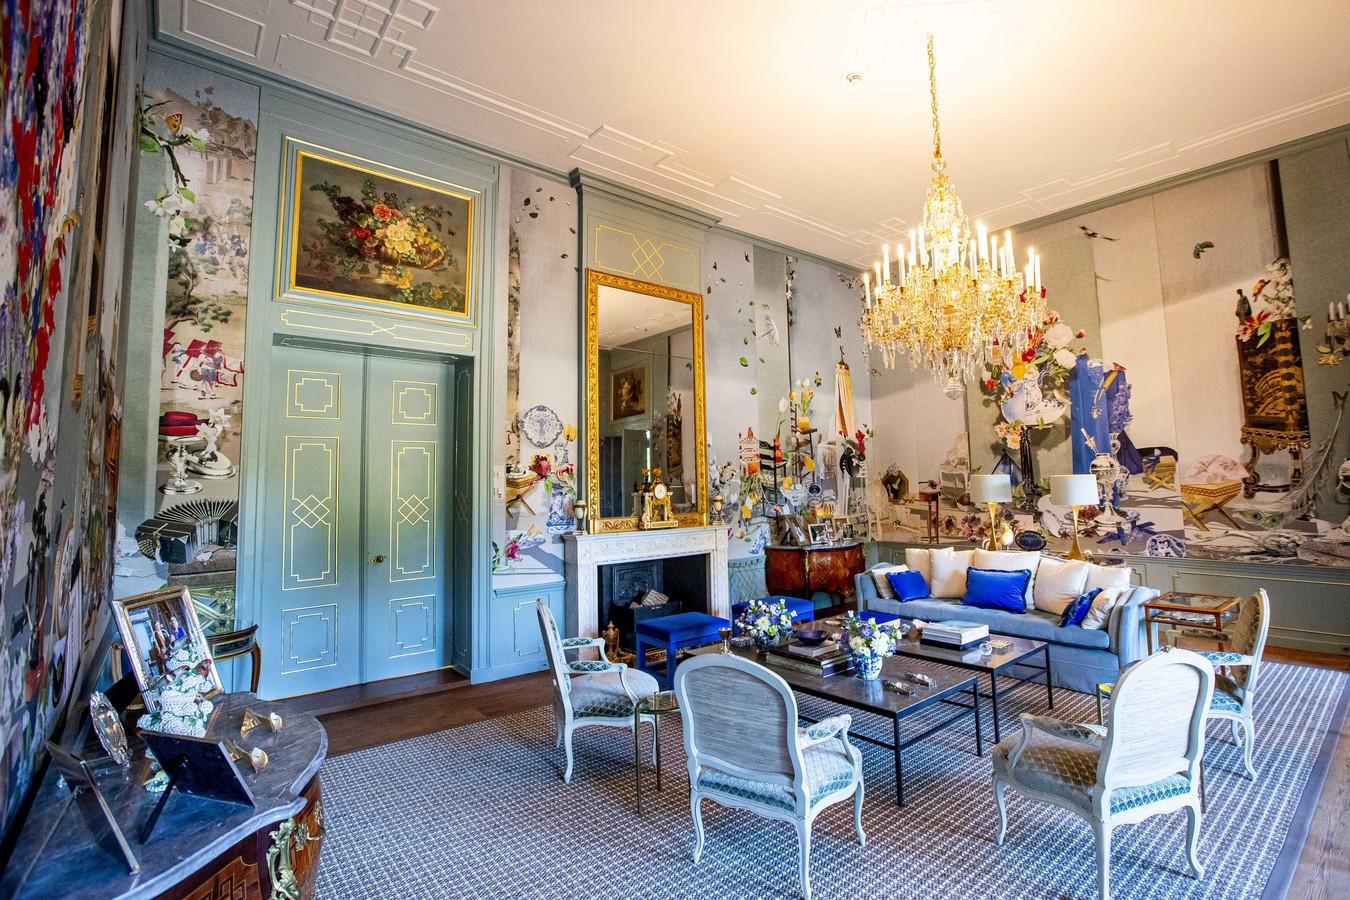 De Groene zaal in paleis Huis ten Bosch. De woning van koning Willem-Alexander en zijn gezin is de afgelopen jaren opgeknapt.